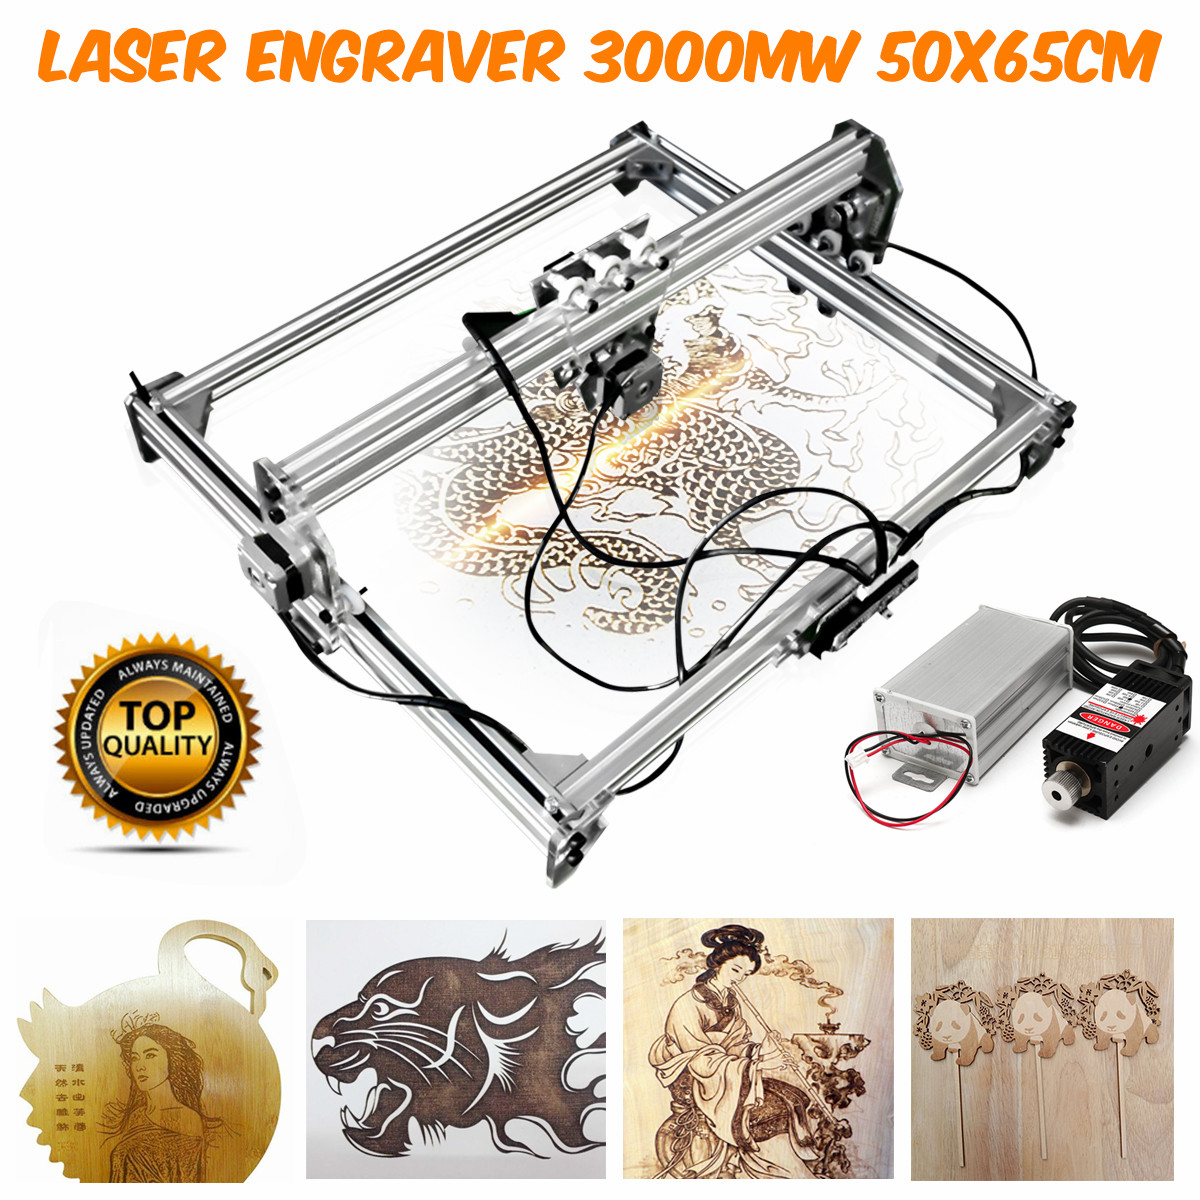 DC 12V Mini 3000MW Blue Laser Engraving Engraver Machine 50*65cm DIY Desktop Wood Cutter/Printer/Power Adjustable+ Laser